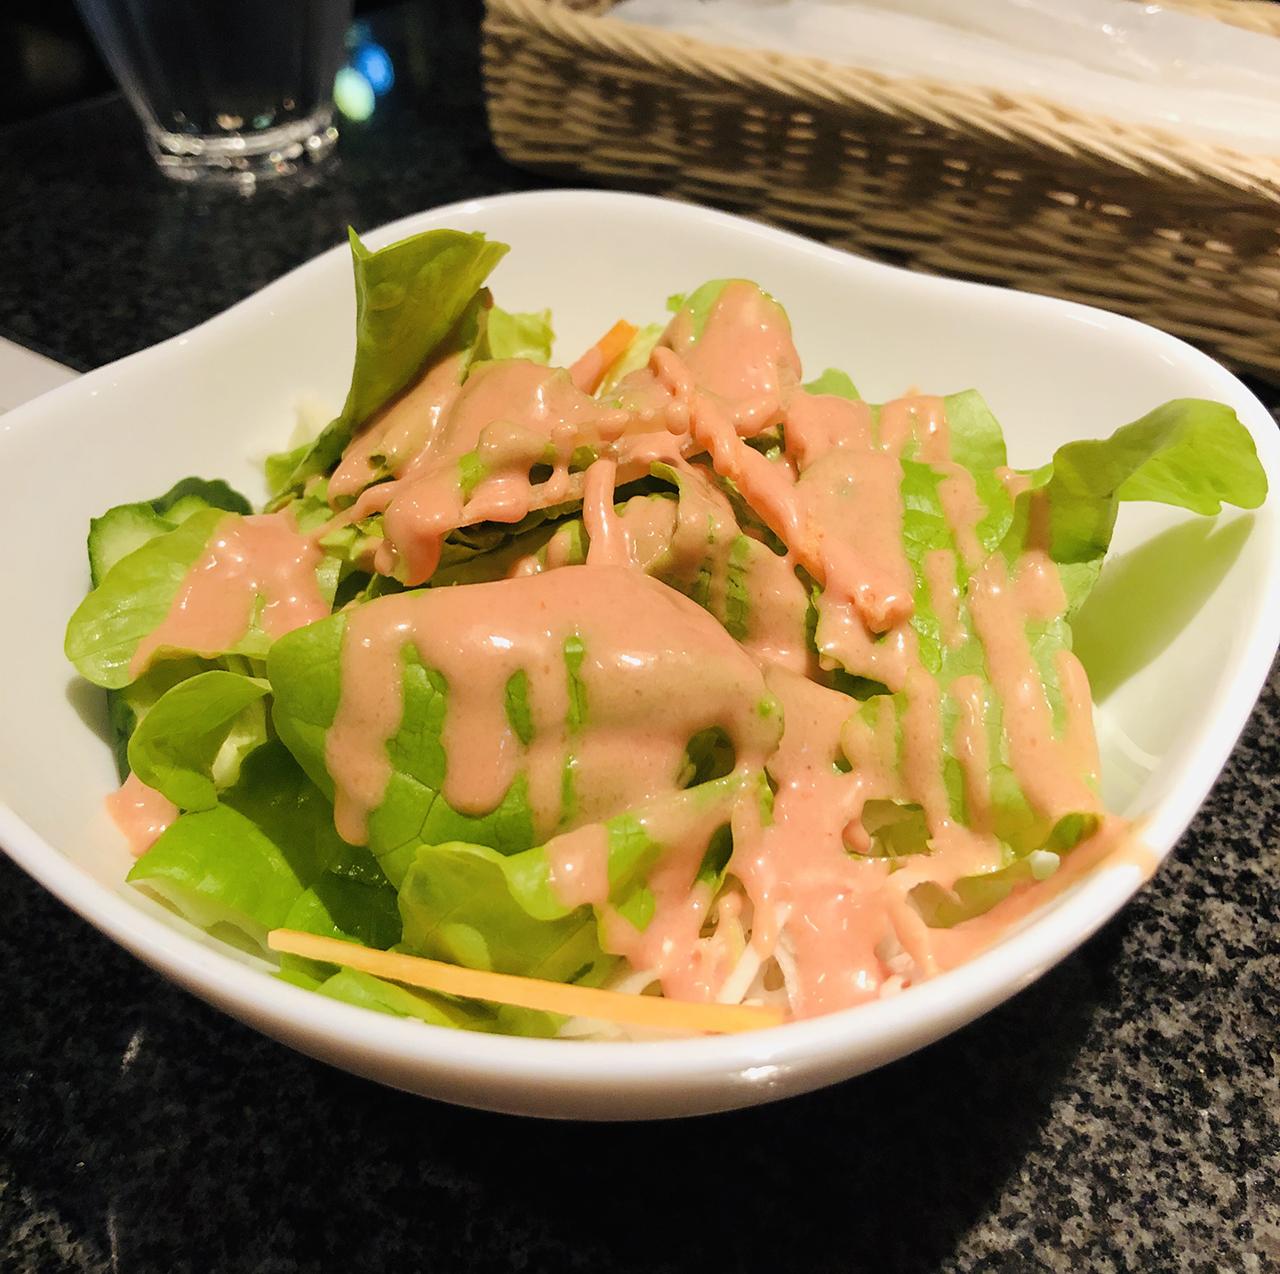 サラダのアップ写真